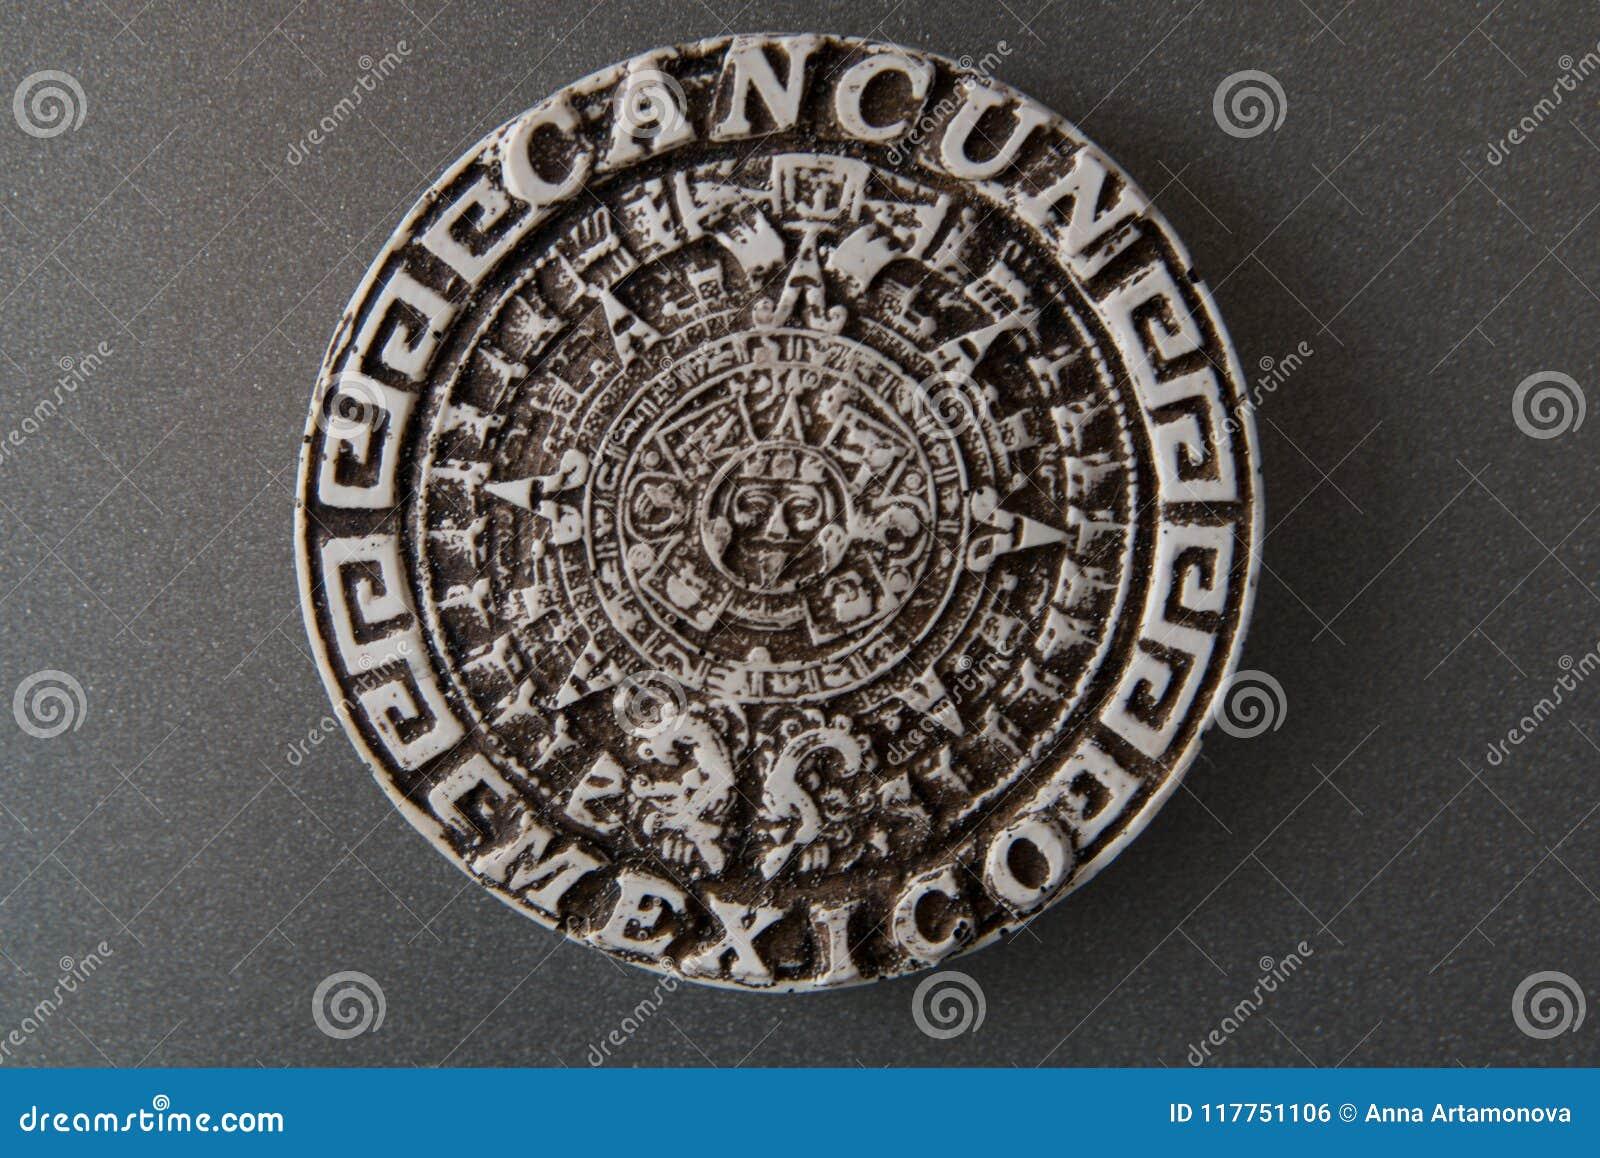 Сувенир для туристов от Мексики Круглый магнит от Cancun Мексика